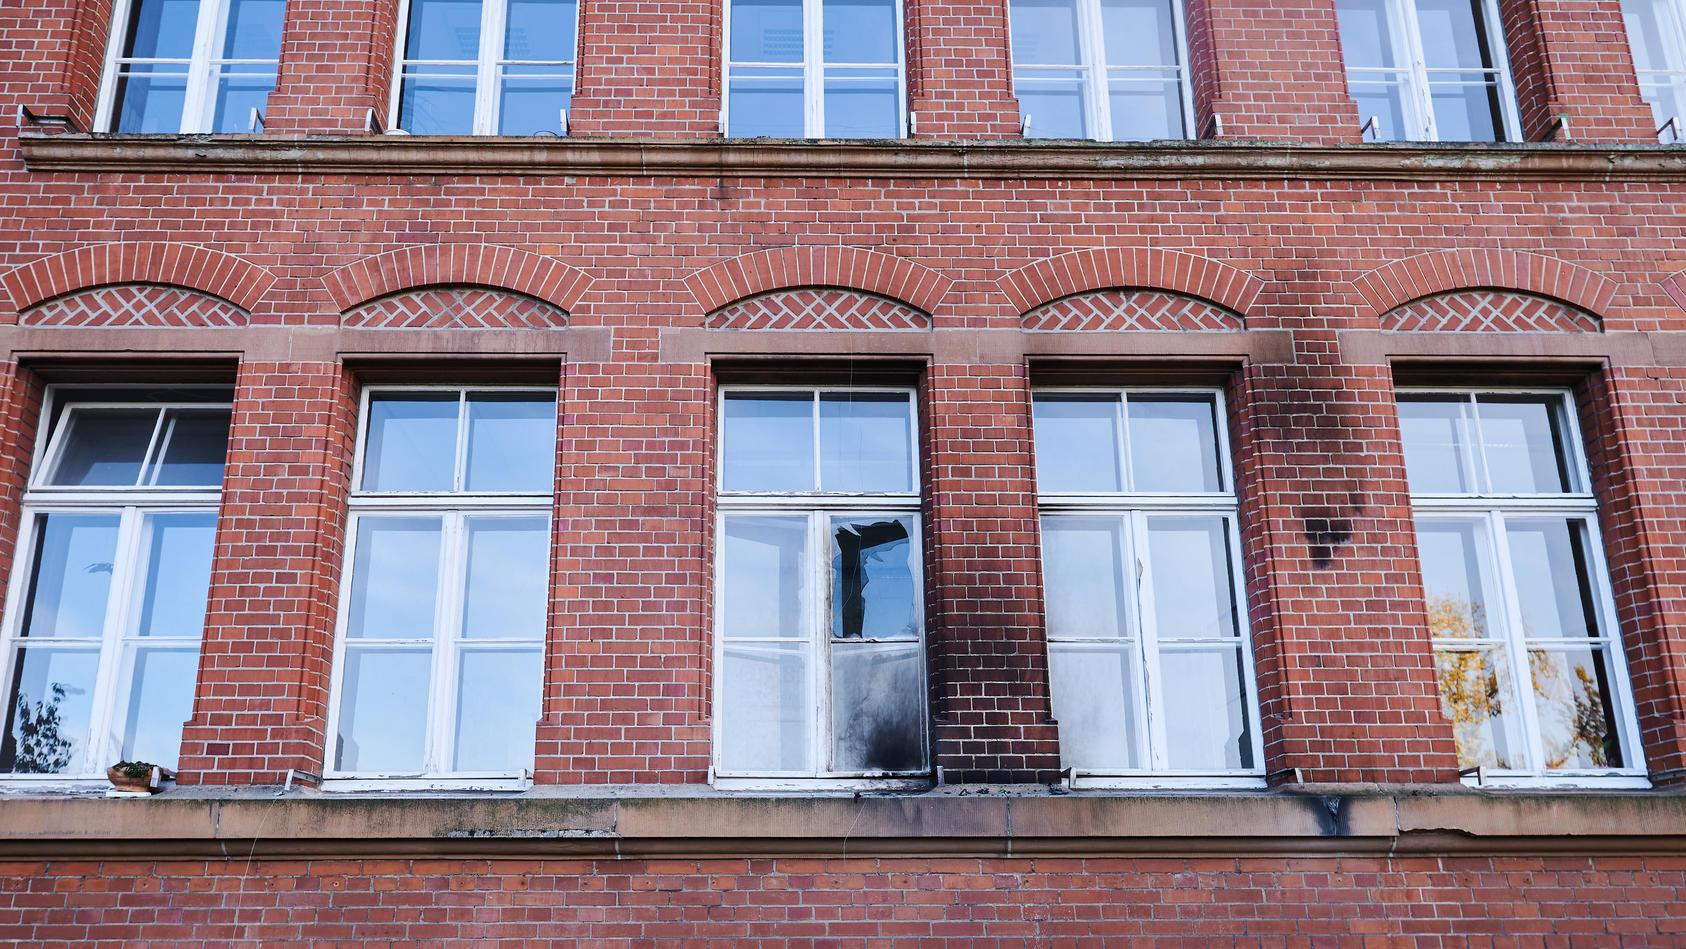 Eine zerbrochene Fensterscheibe und Rußspuren sind am Gebäude des Robert Koch-Instituts in der General-Pape-Straße zu sehen.